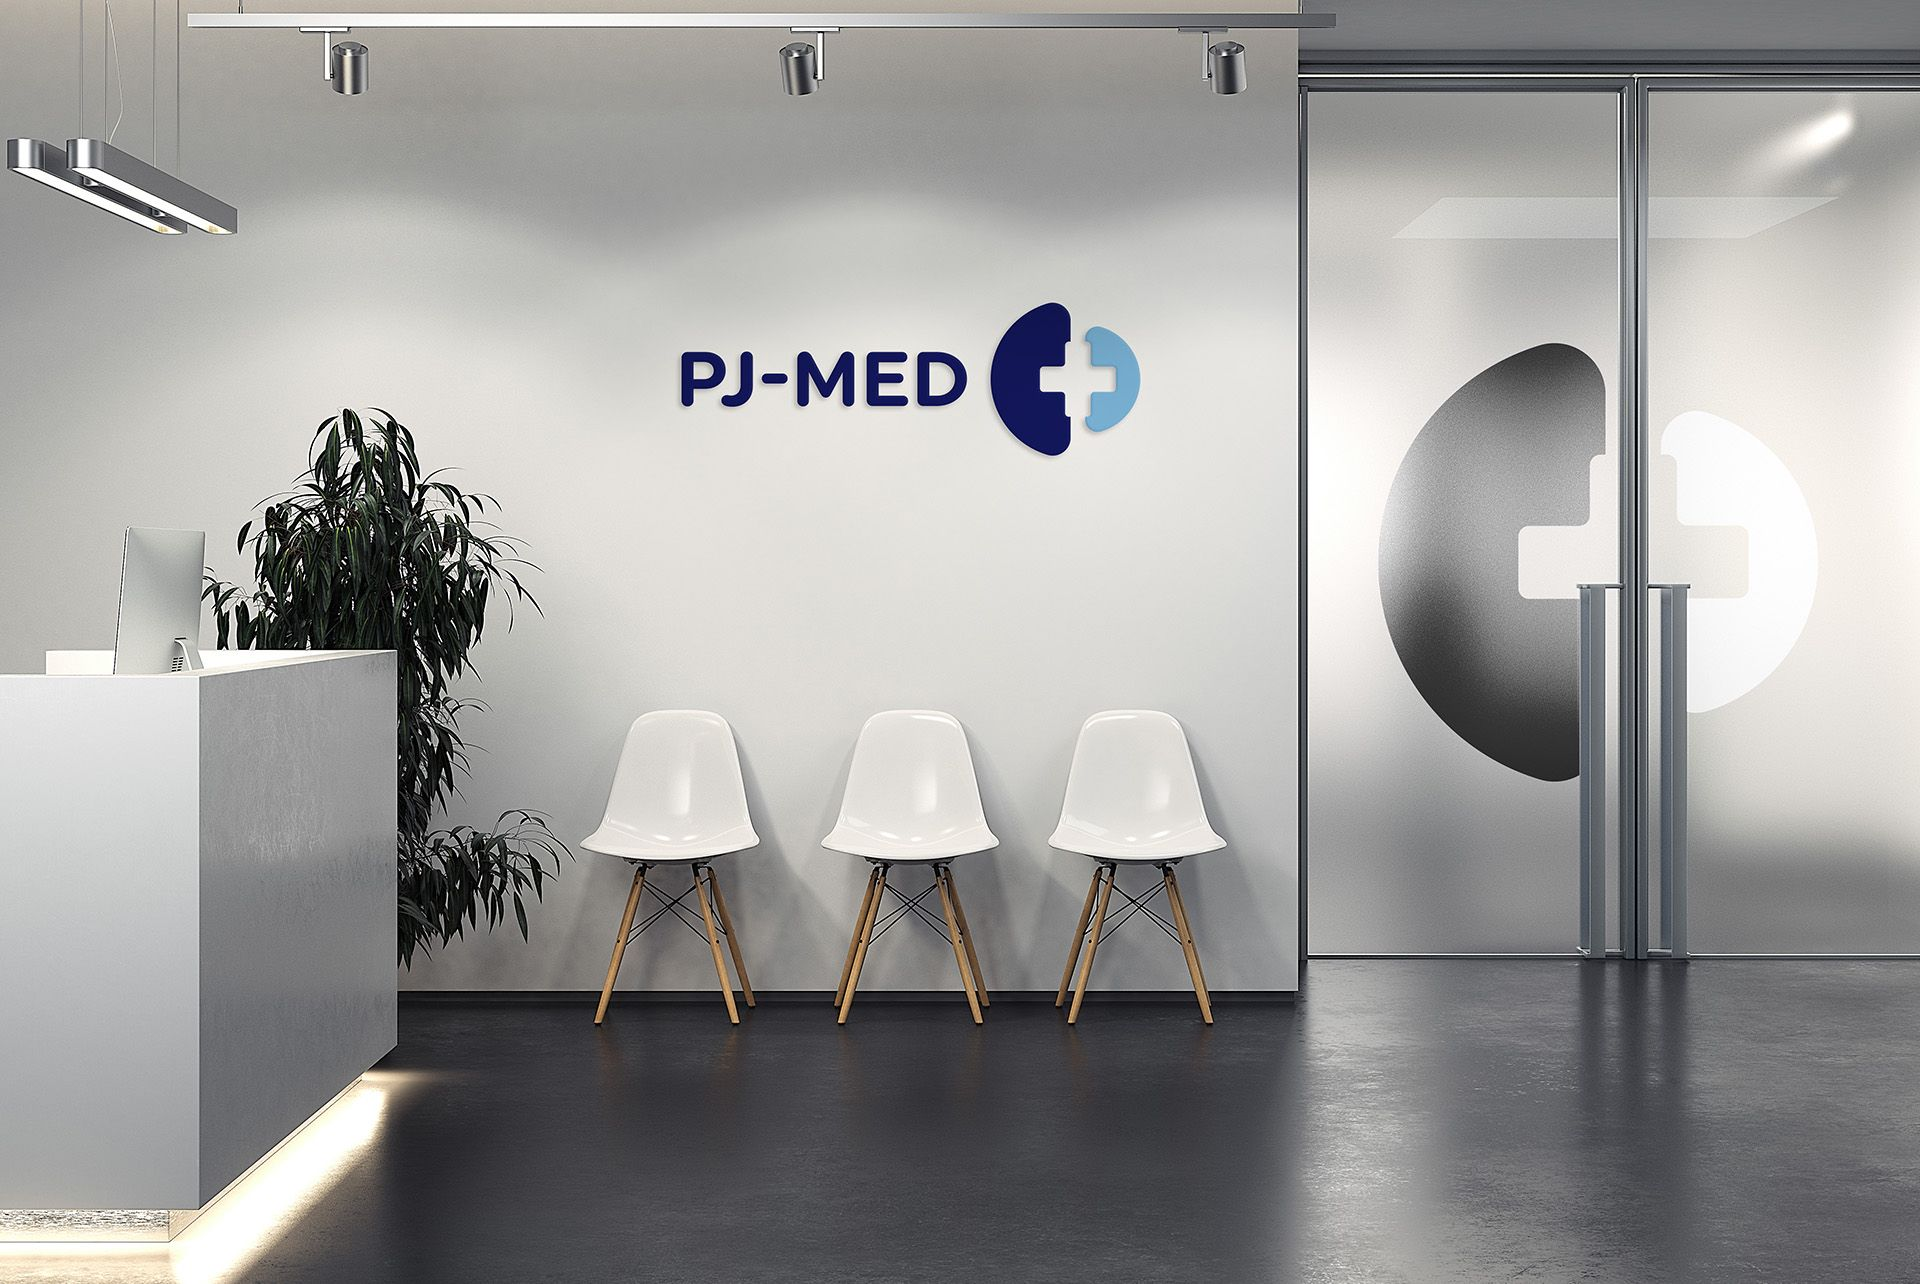 PJMED medical branding